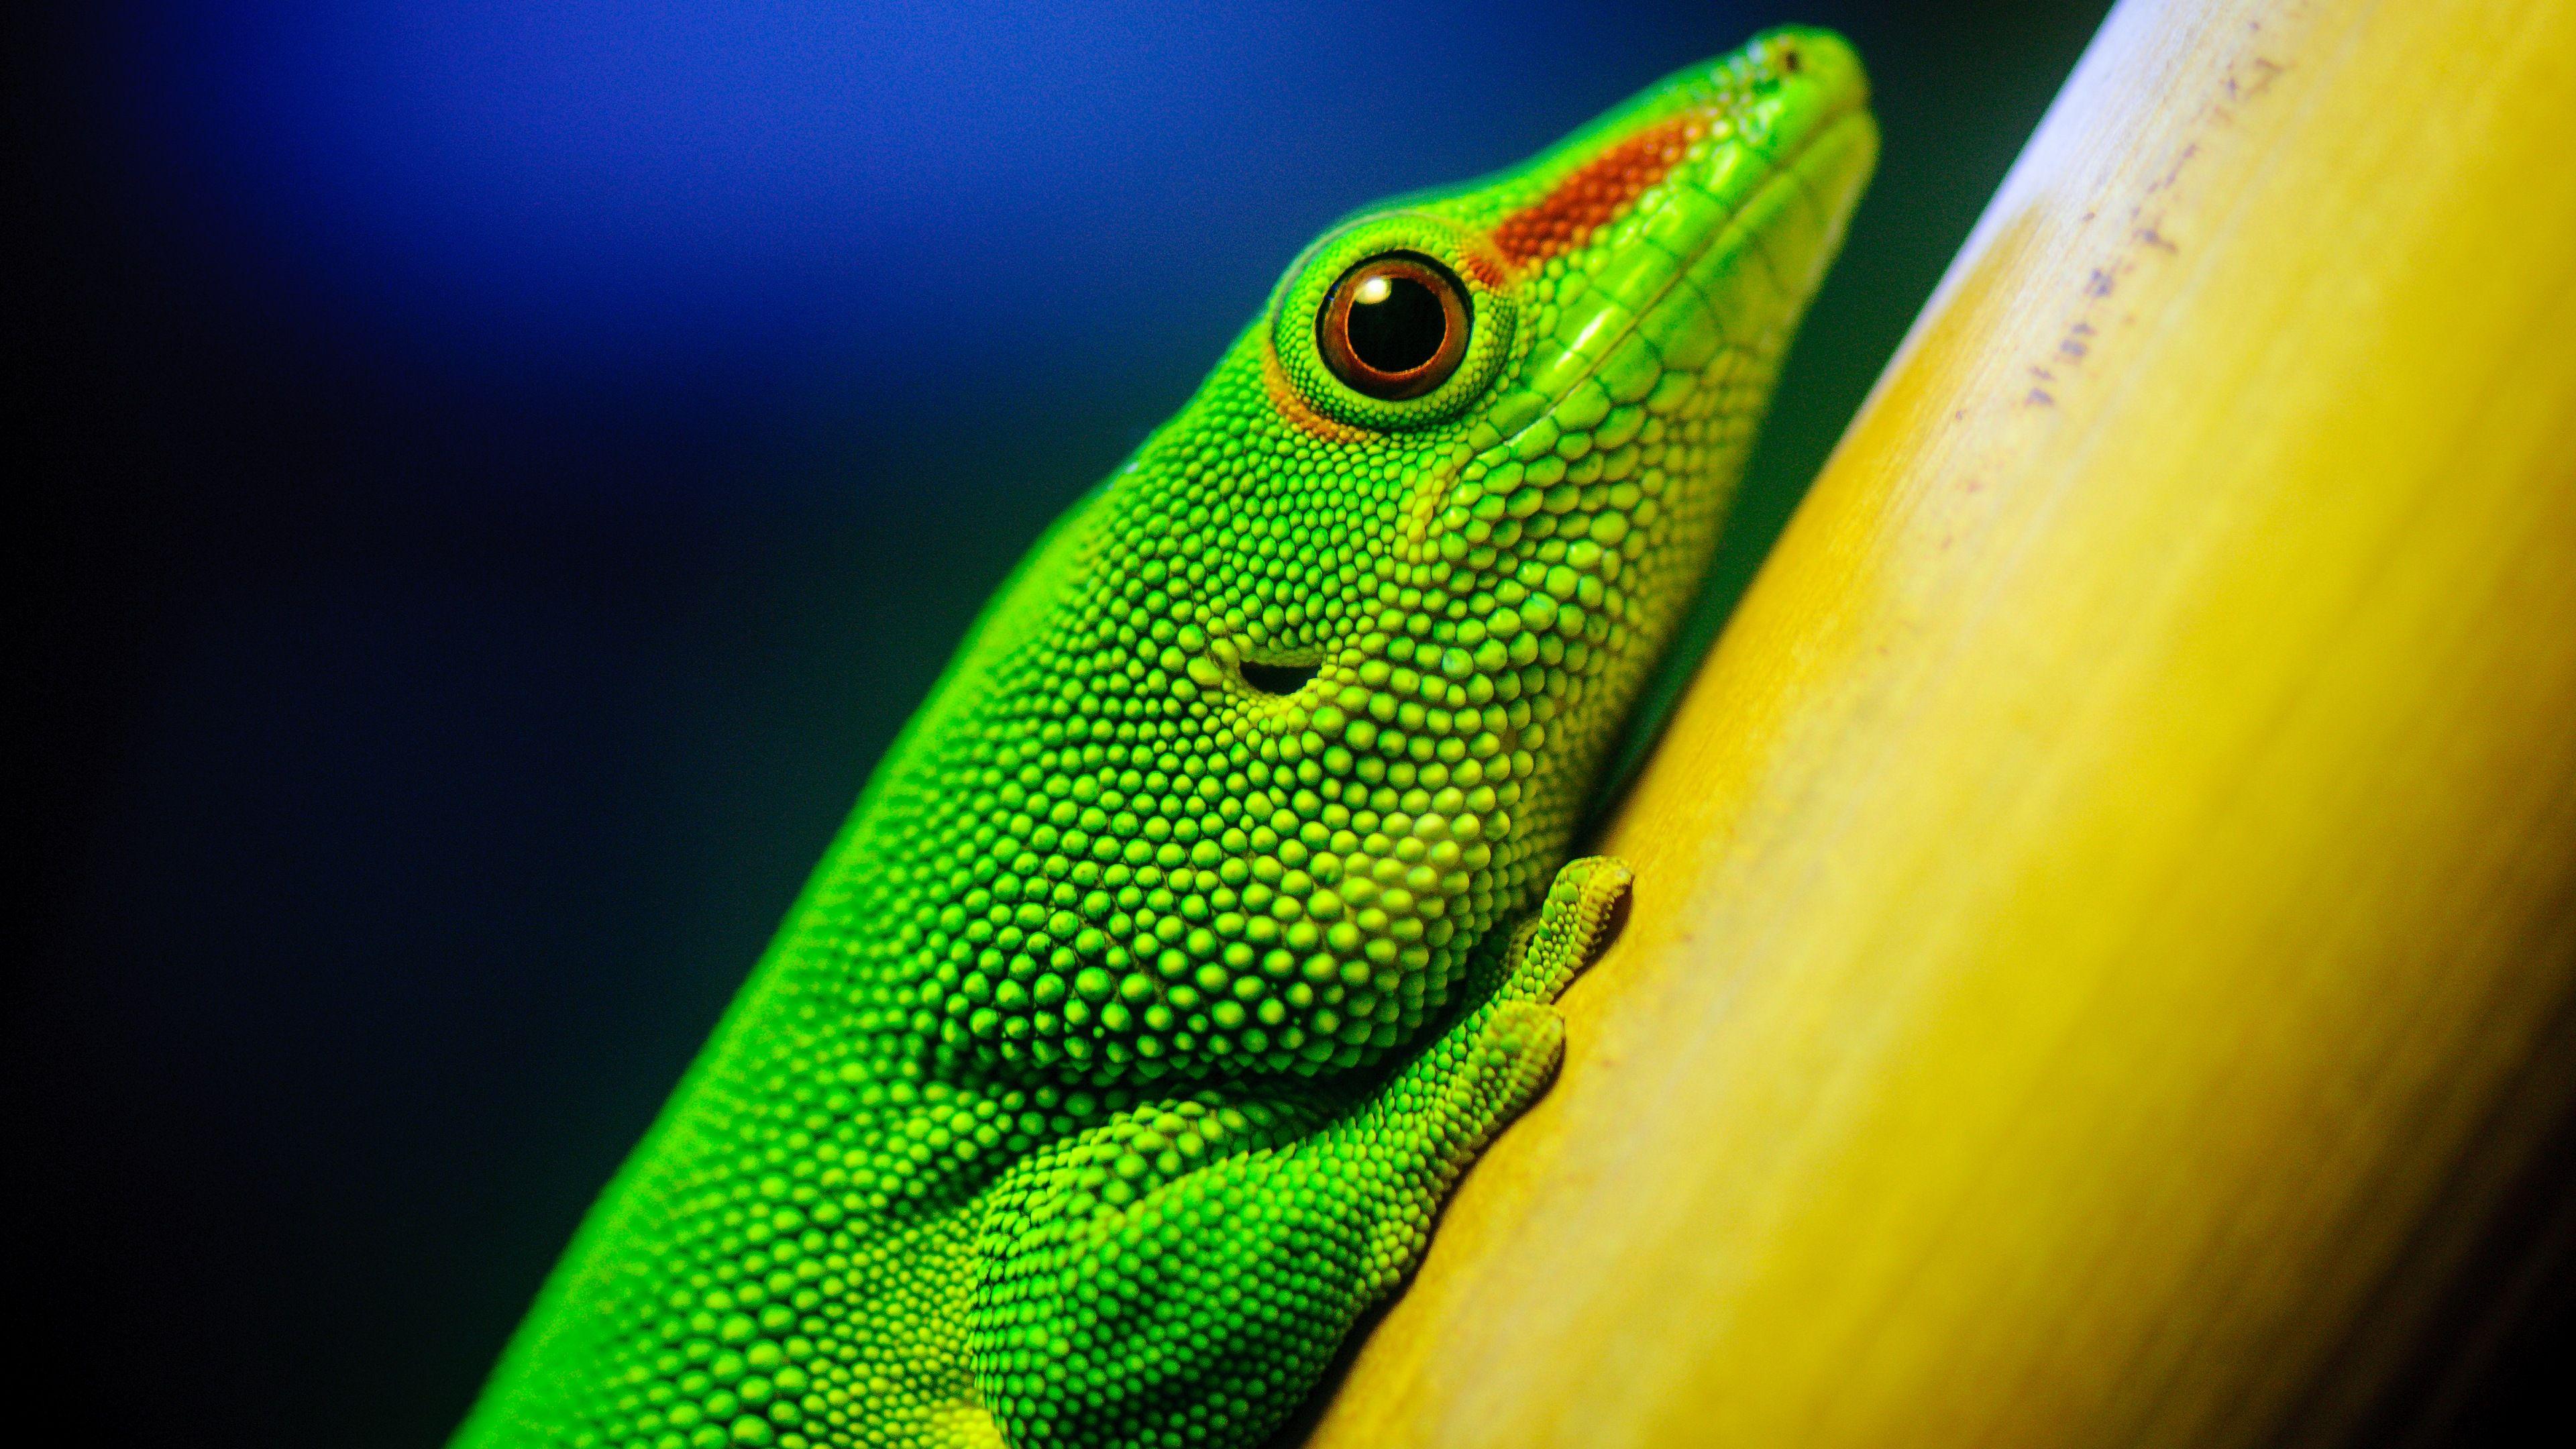 Ultra HD Wallpaper, flower 4K | Little Green Lizard 4K ...